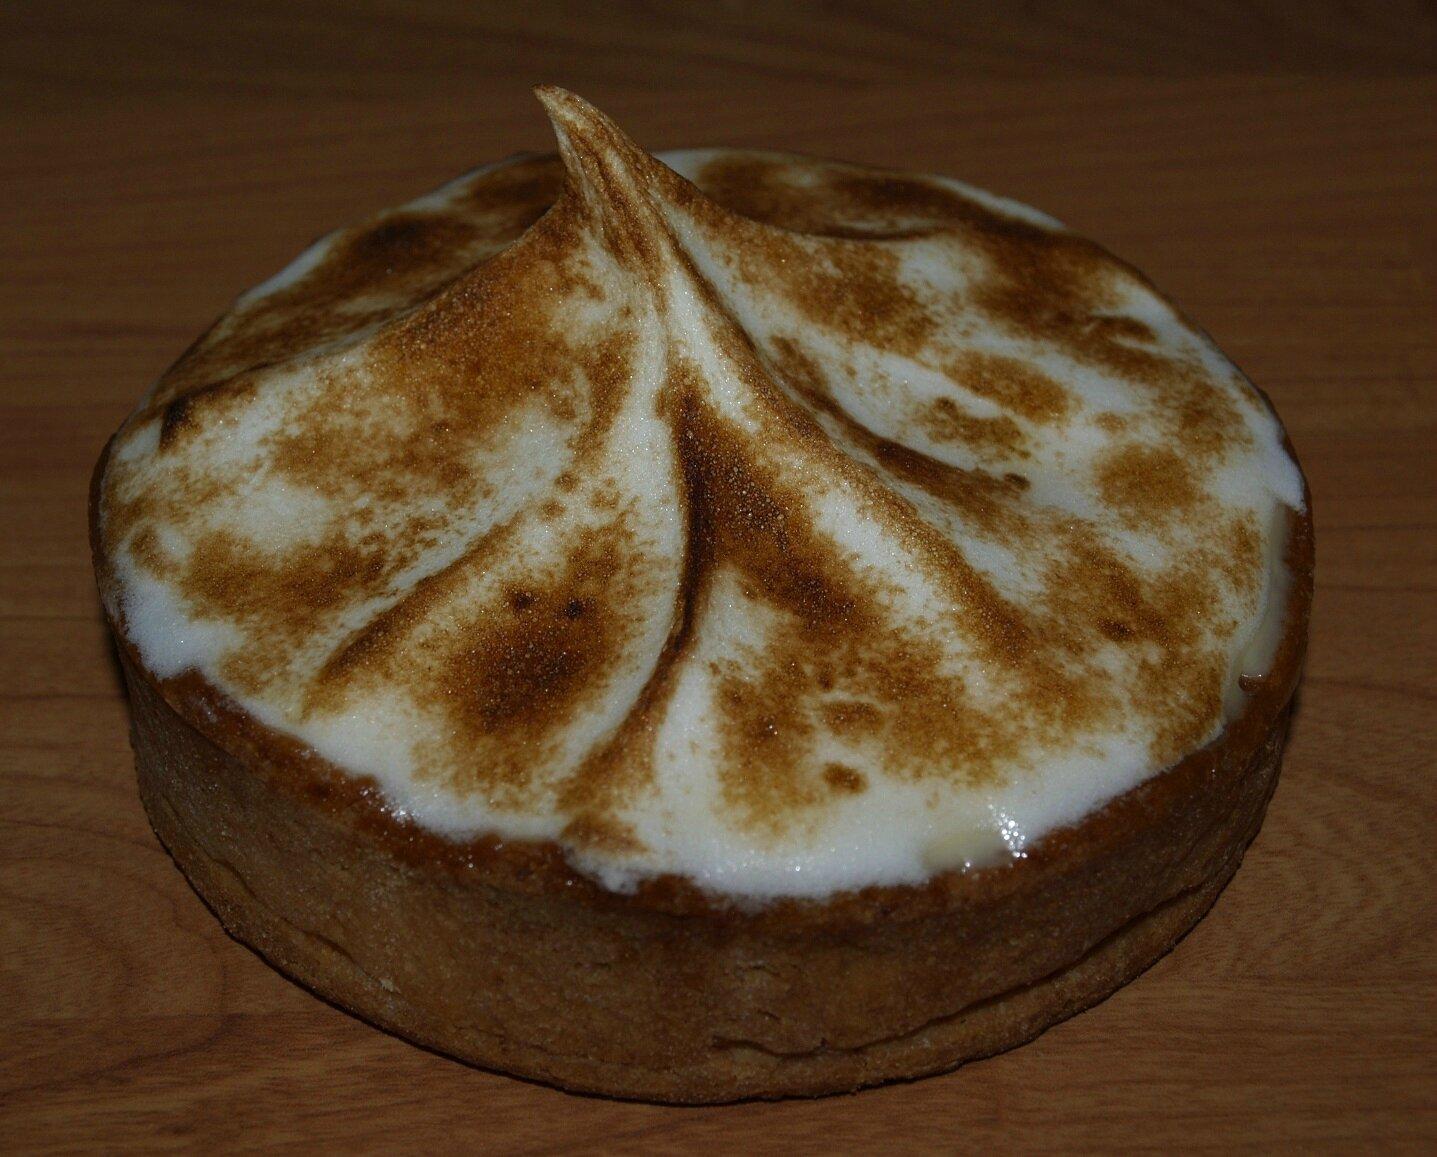 Tarte au citron de philippe conticini patiseb - La cuisine de bernard tarte au citron ...